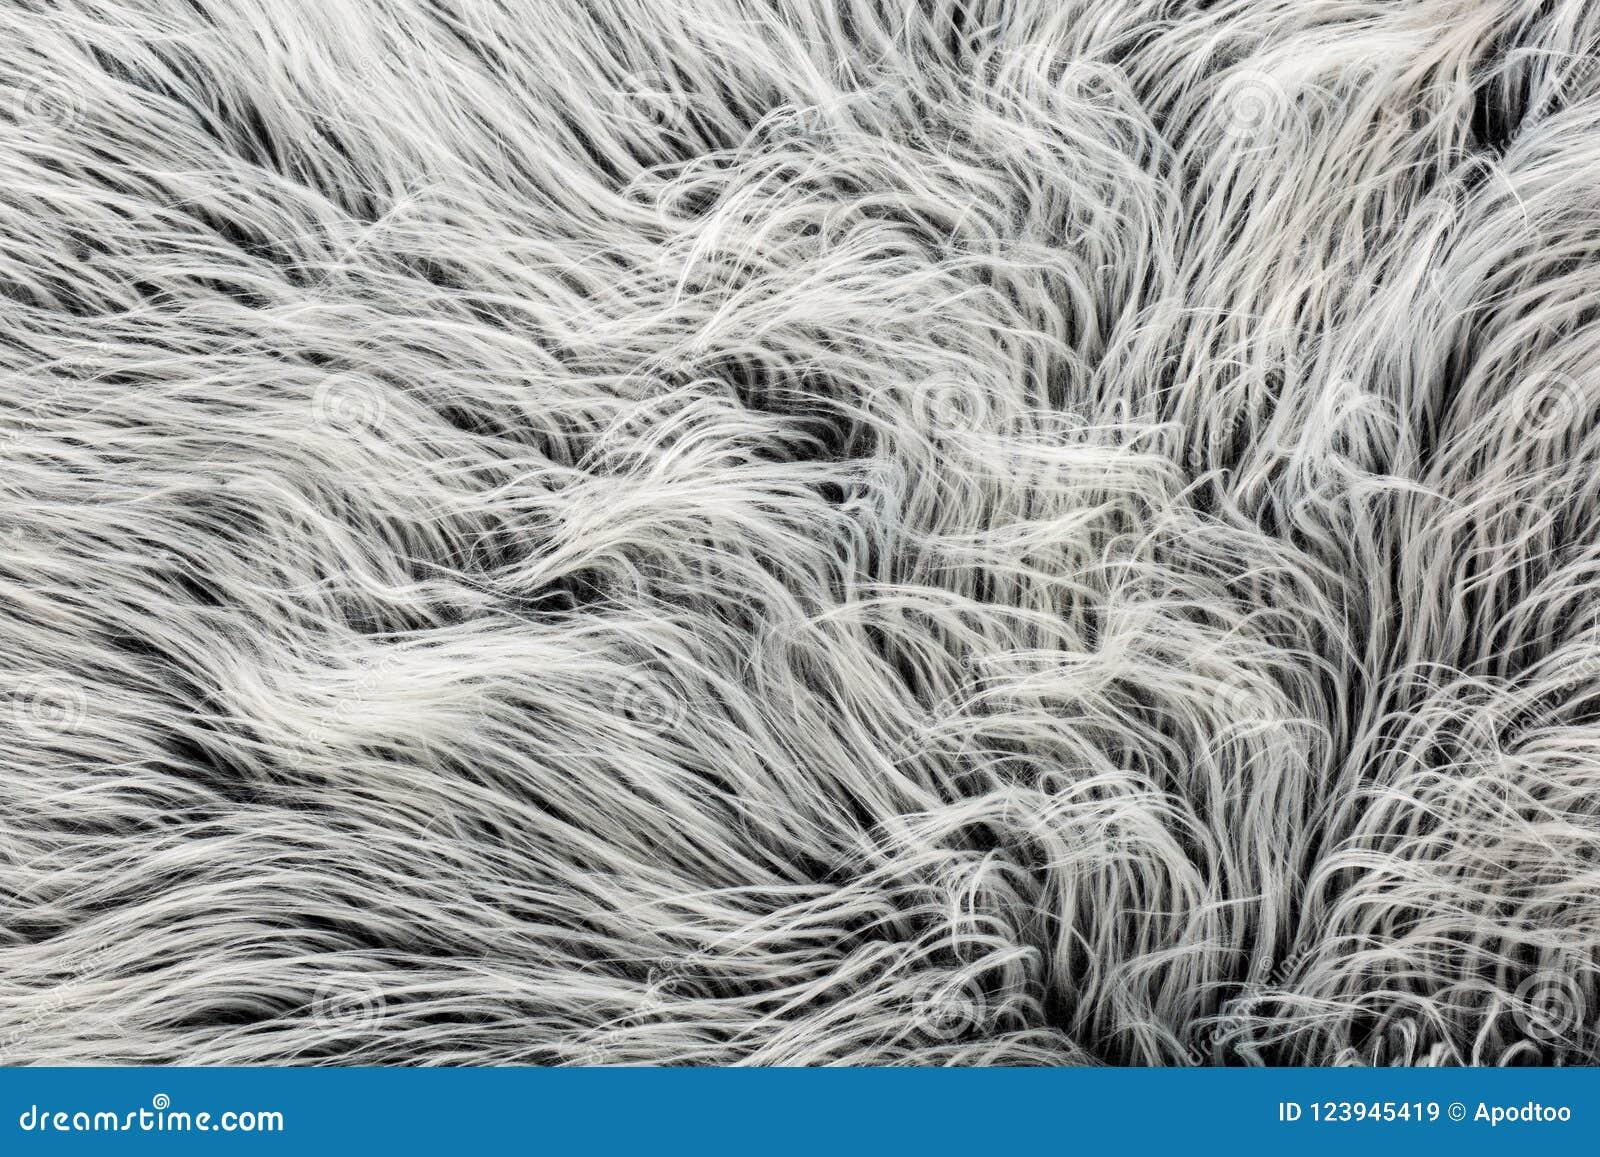 黑白色灰色毛皮纹理羊魄